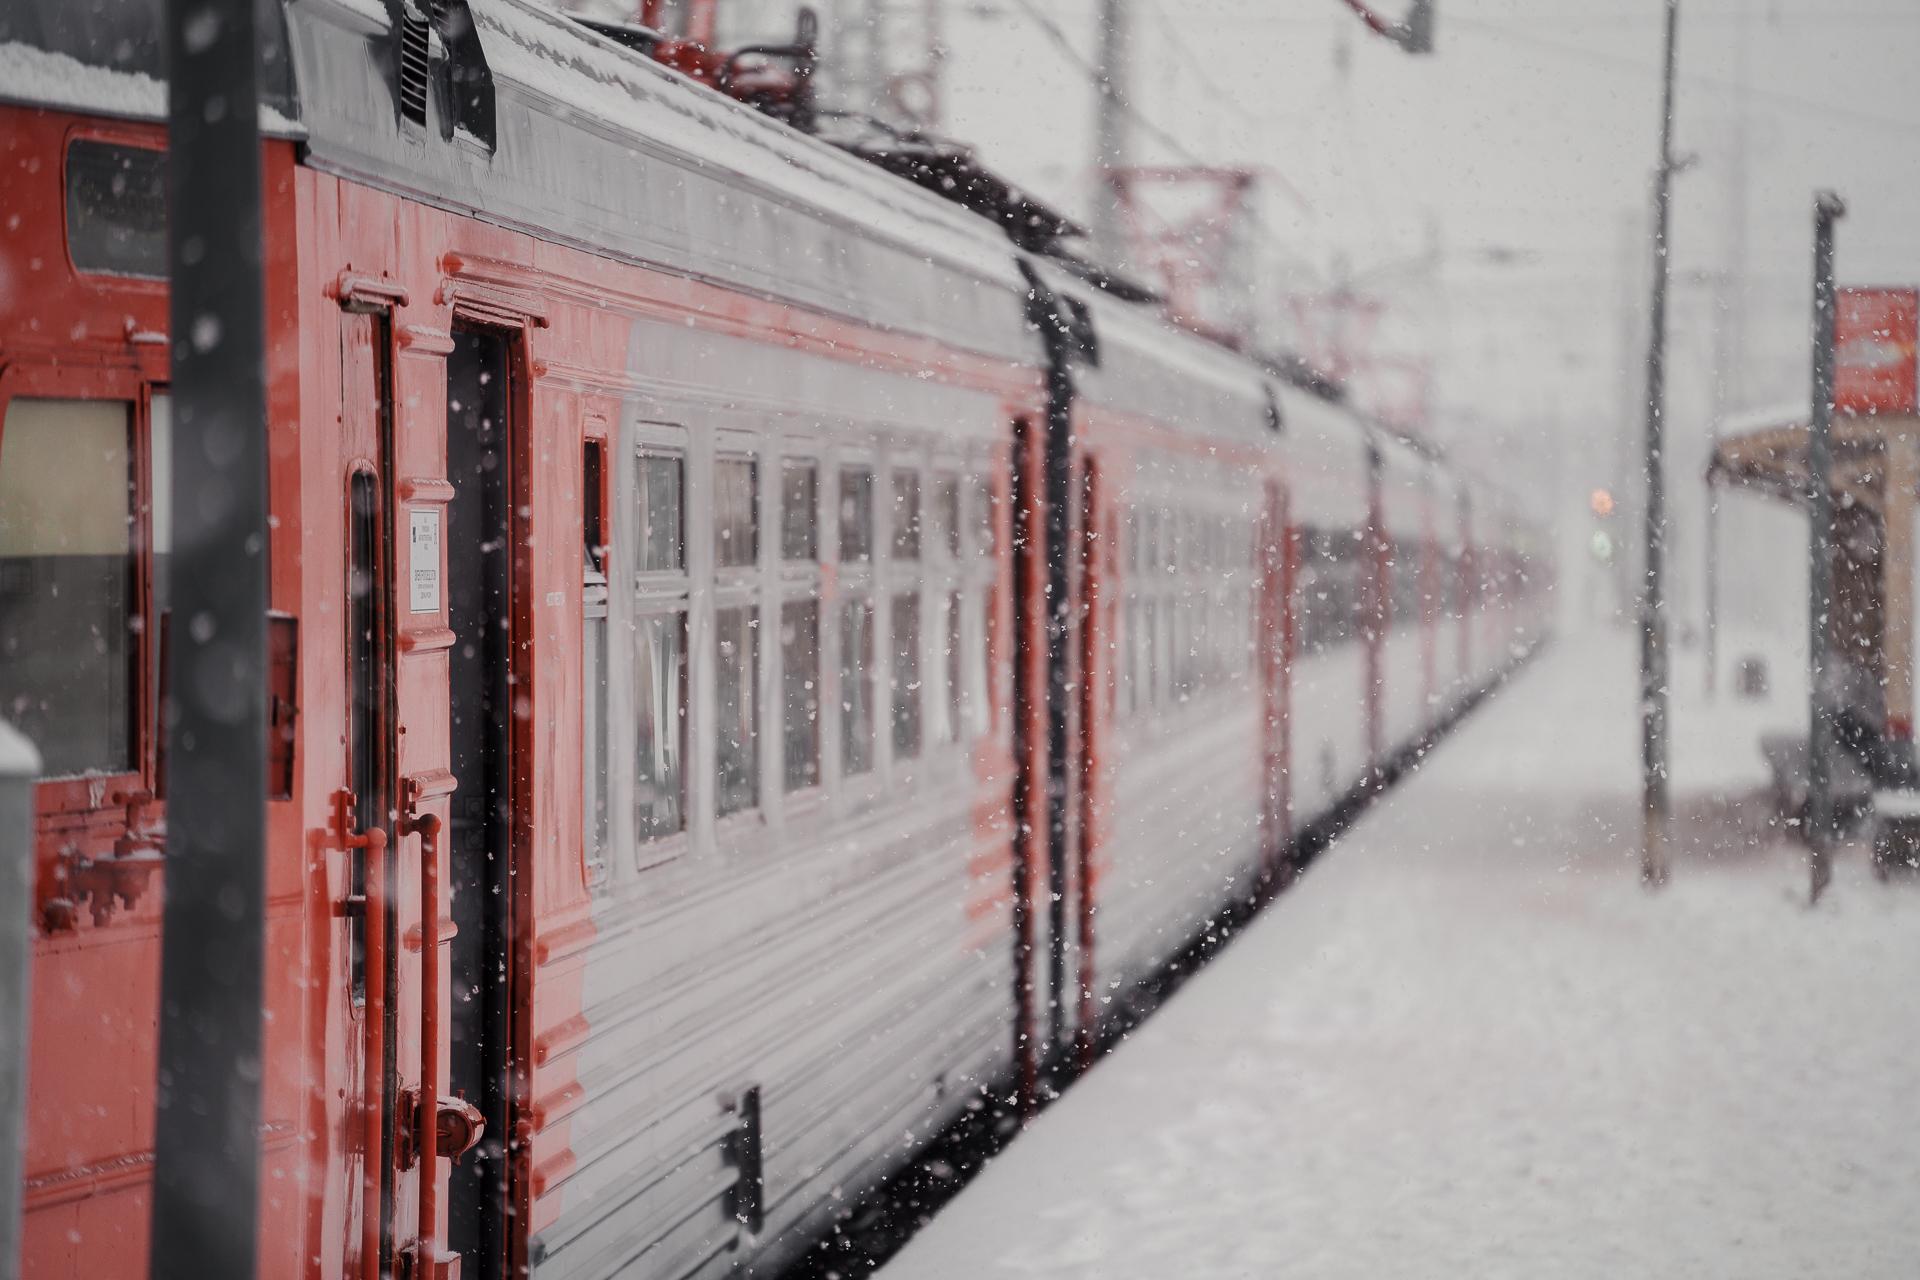 Утром 26 февраля опаздывают электрички на участке Тверь - Москва